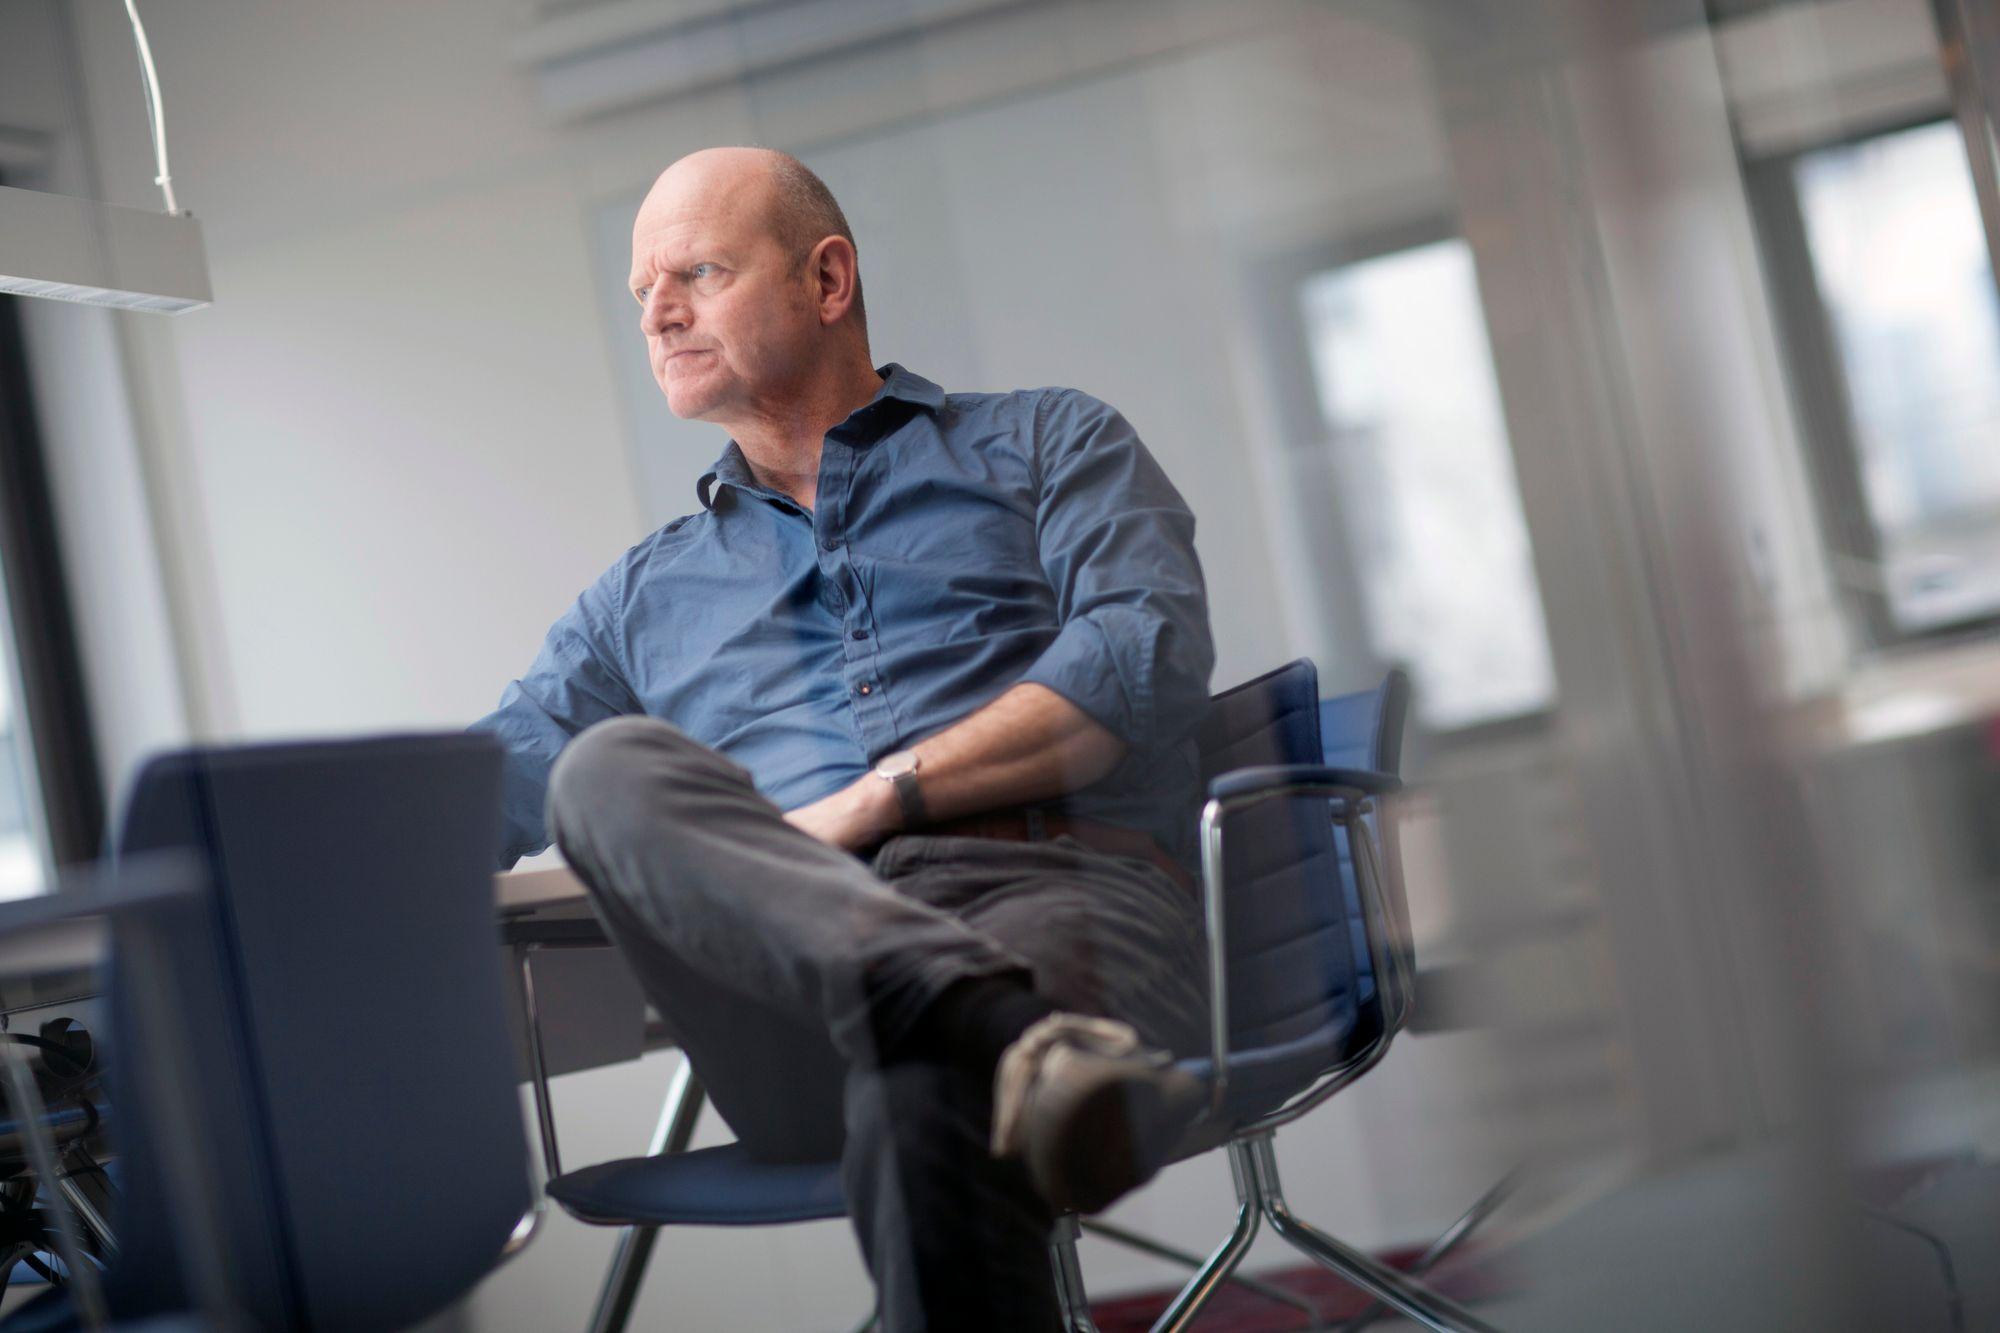 Bjørn Rønning vil bygge fiberkabel som knytter USA og Norge sammen. - Jeg tror på at dette vil lykkes, sier han til digi.no.